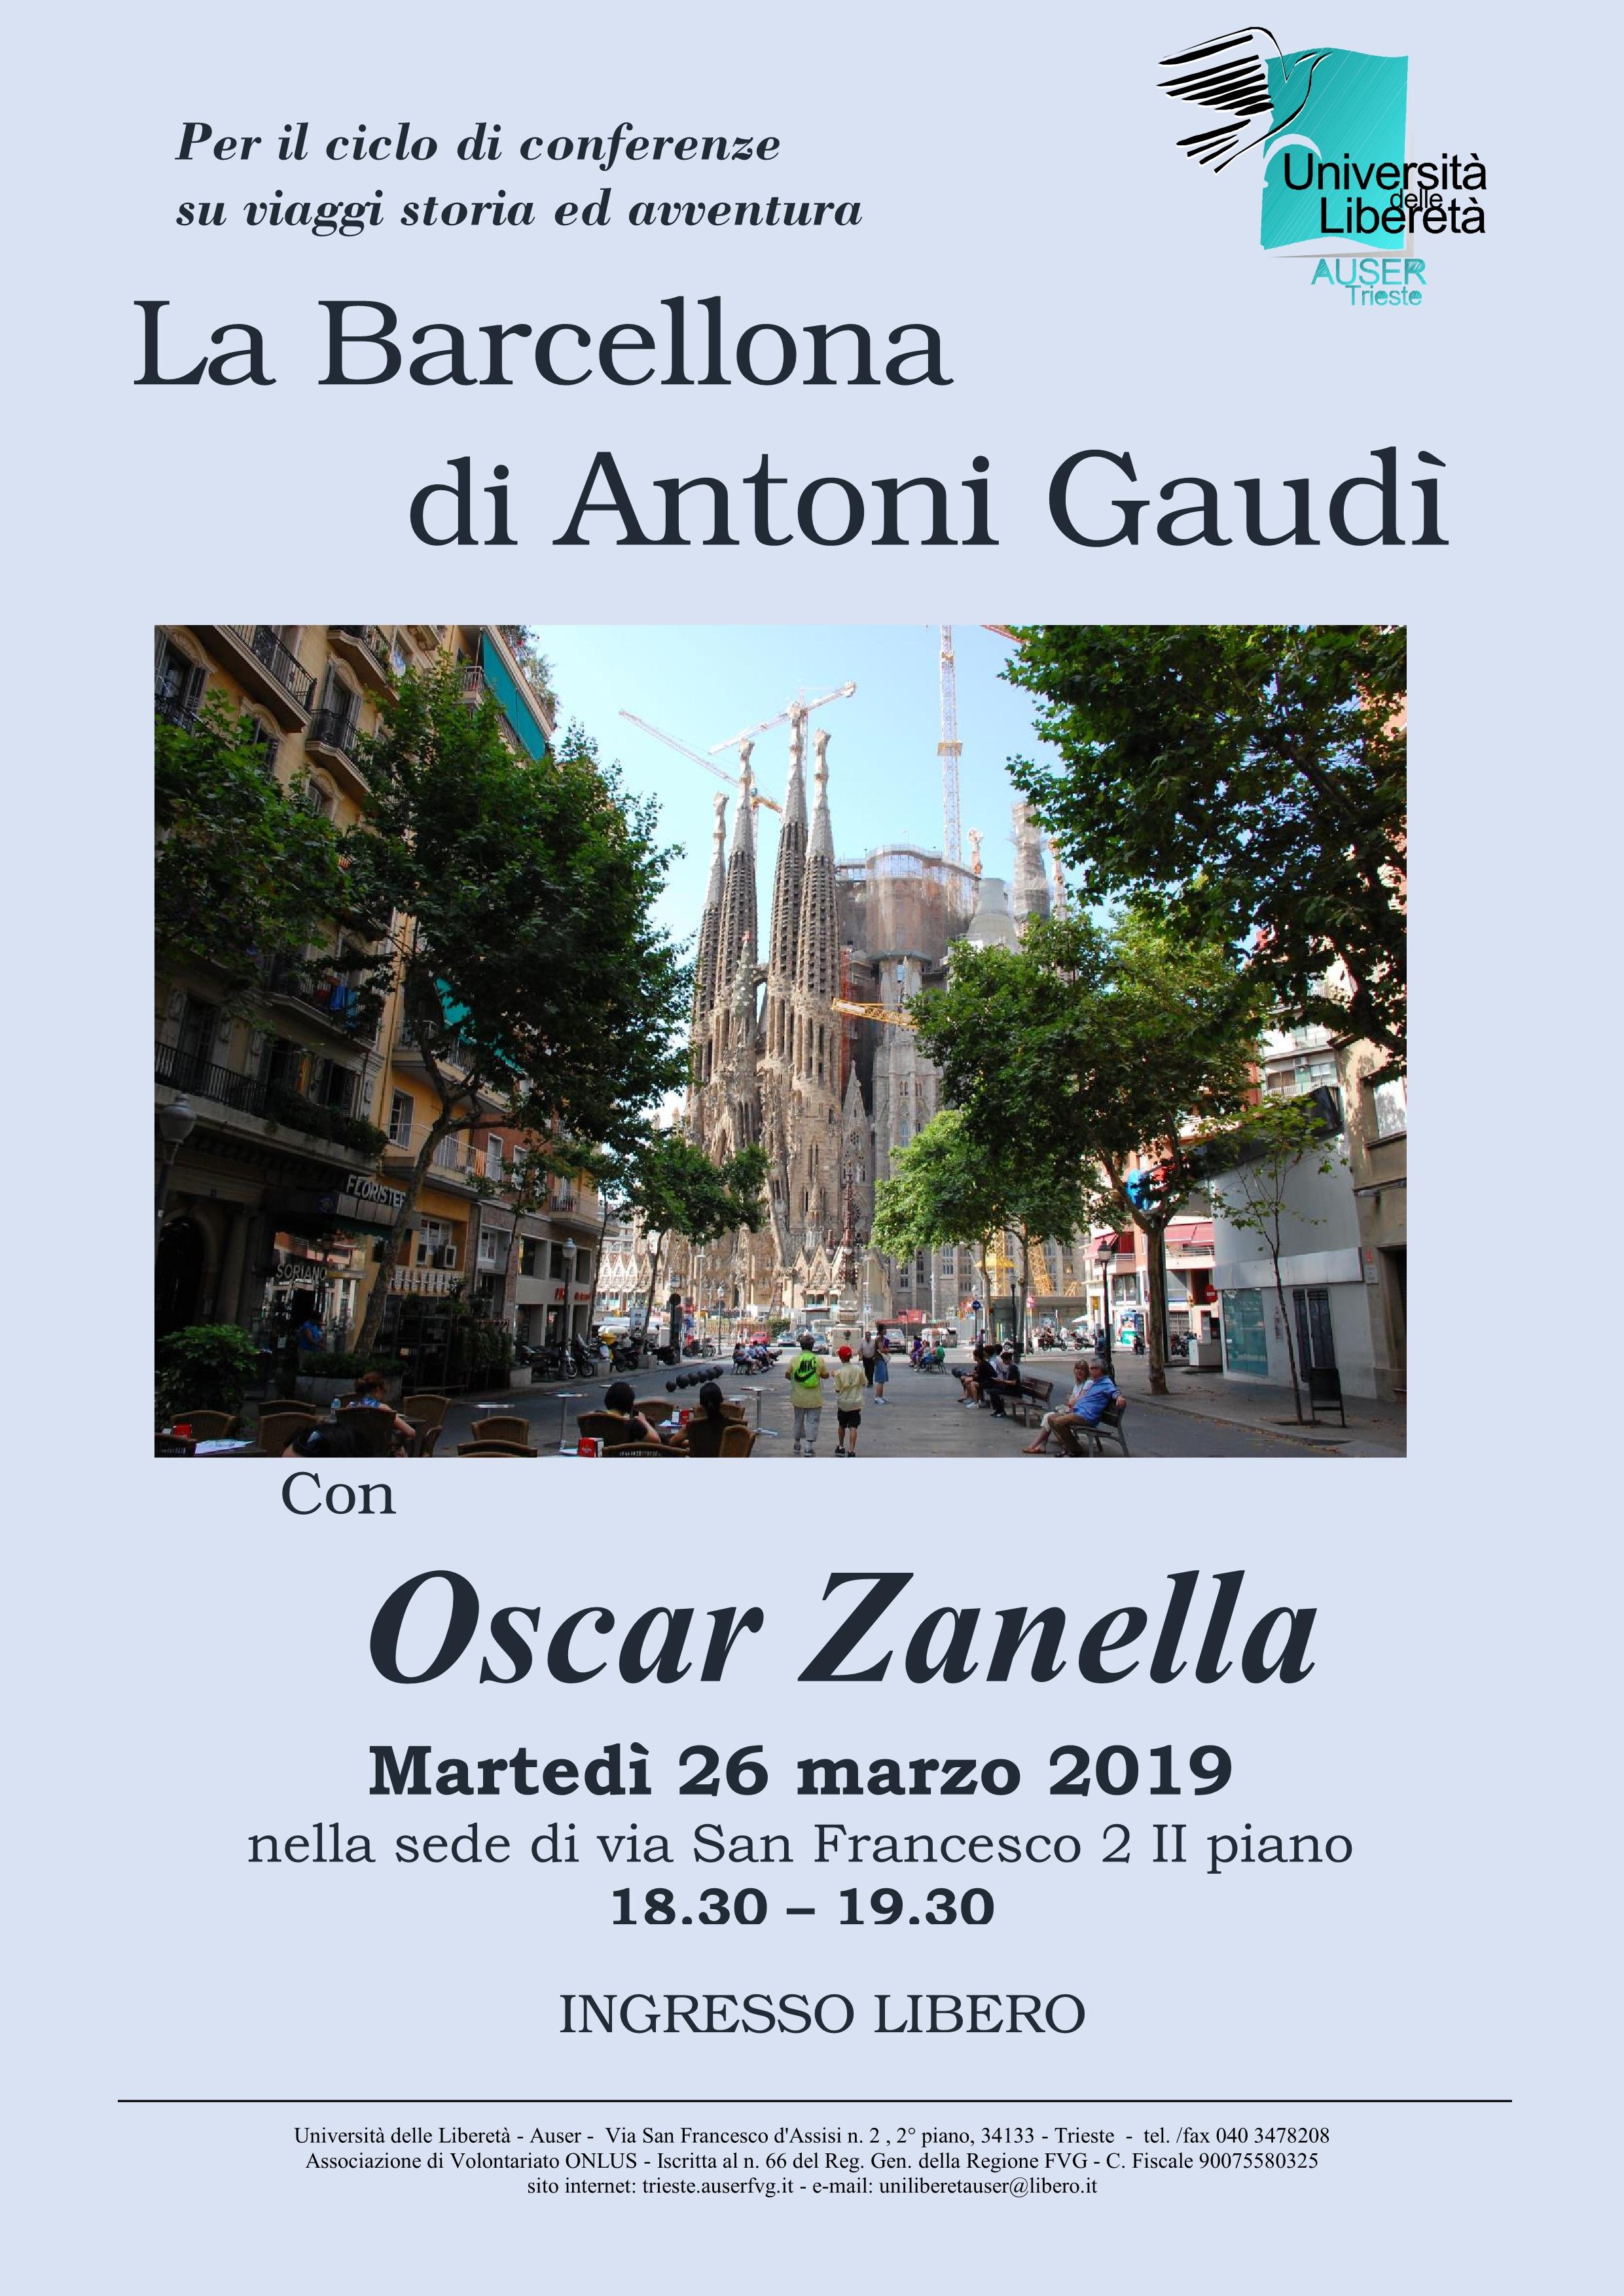 La Barcellona di Antoni Gaudì1